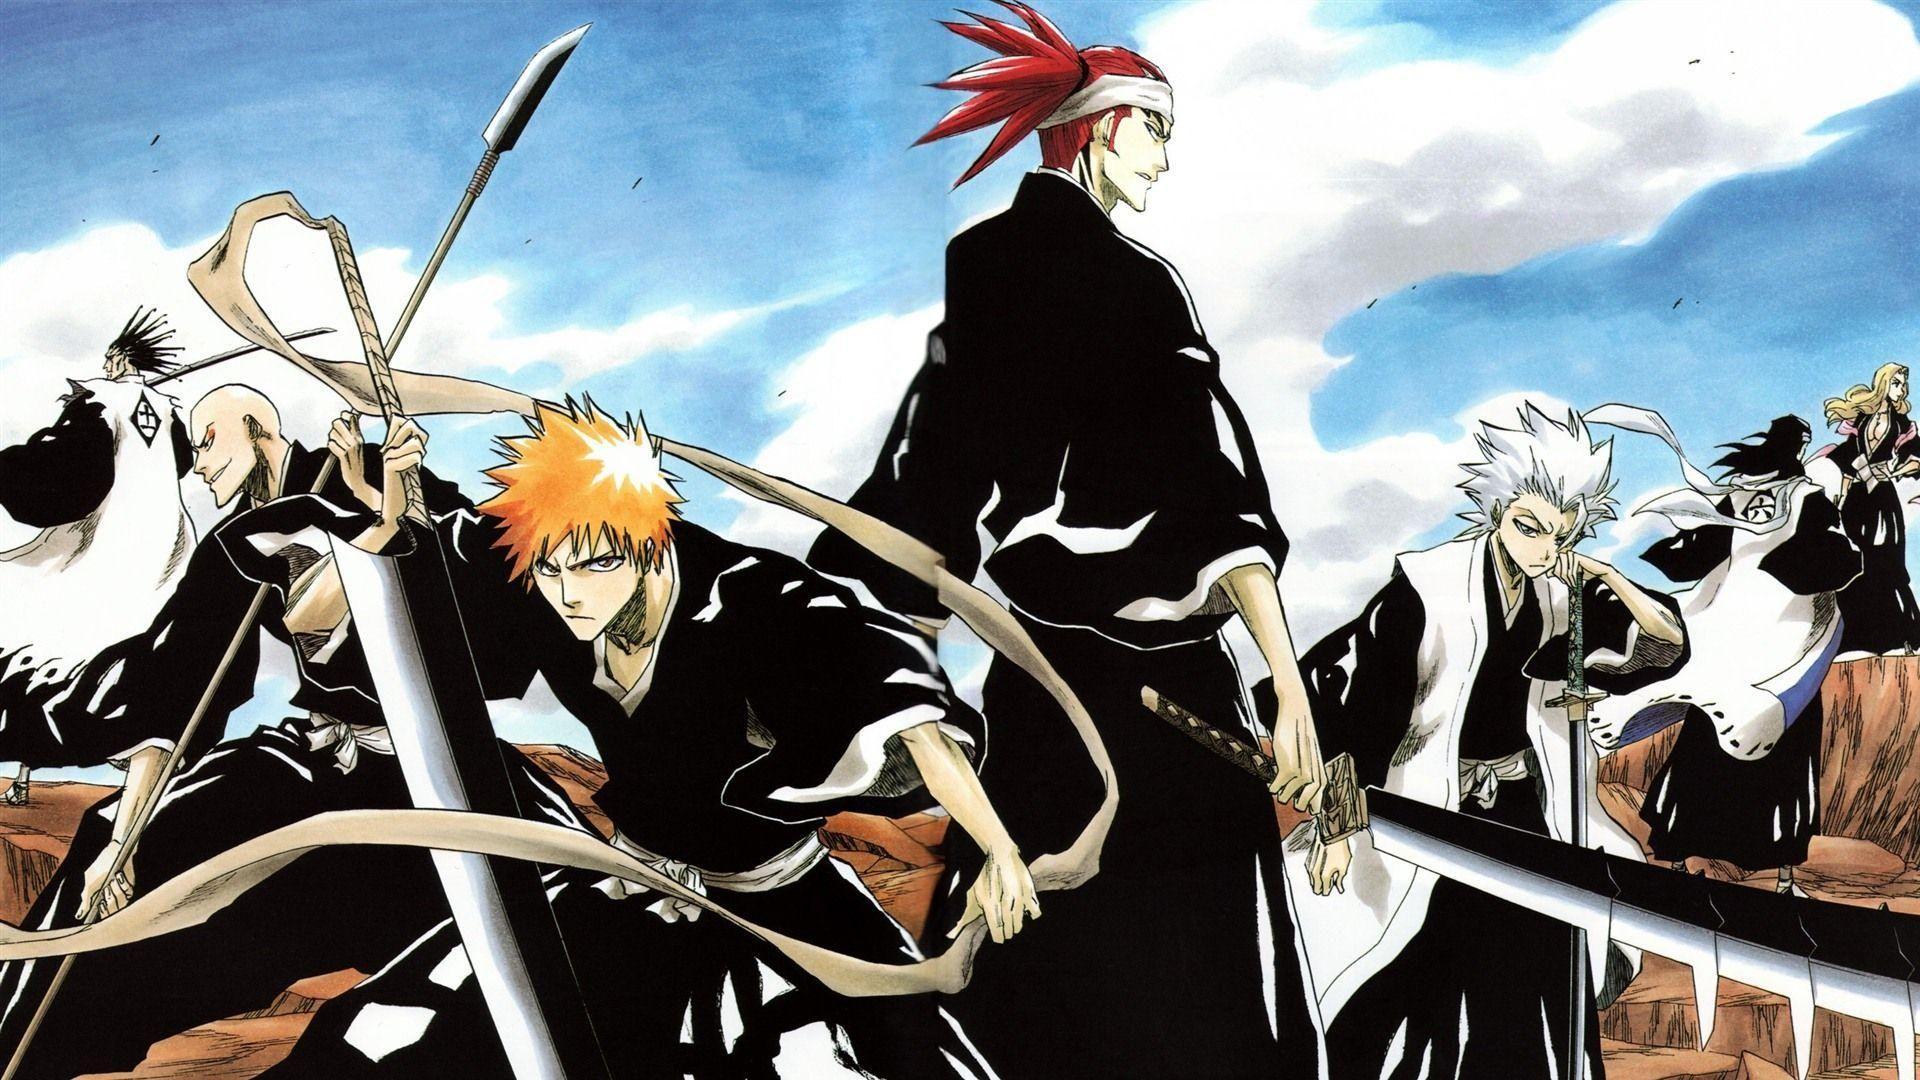 Bleach Anime Return for Season 17 Release